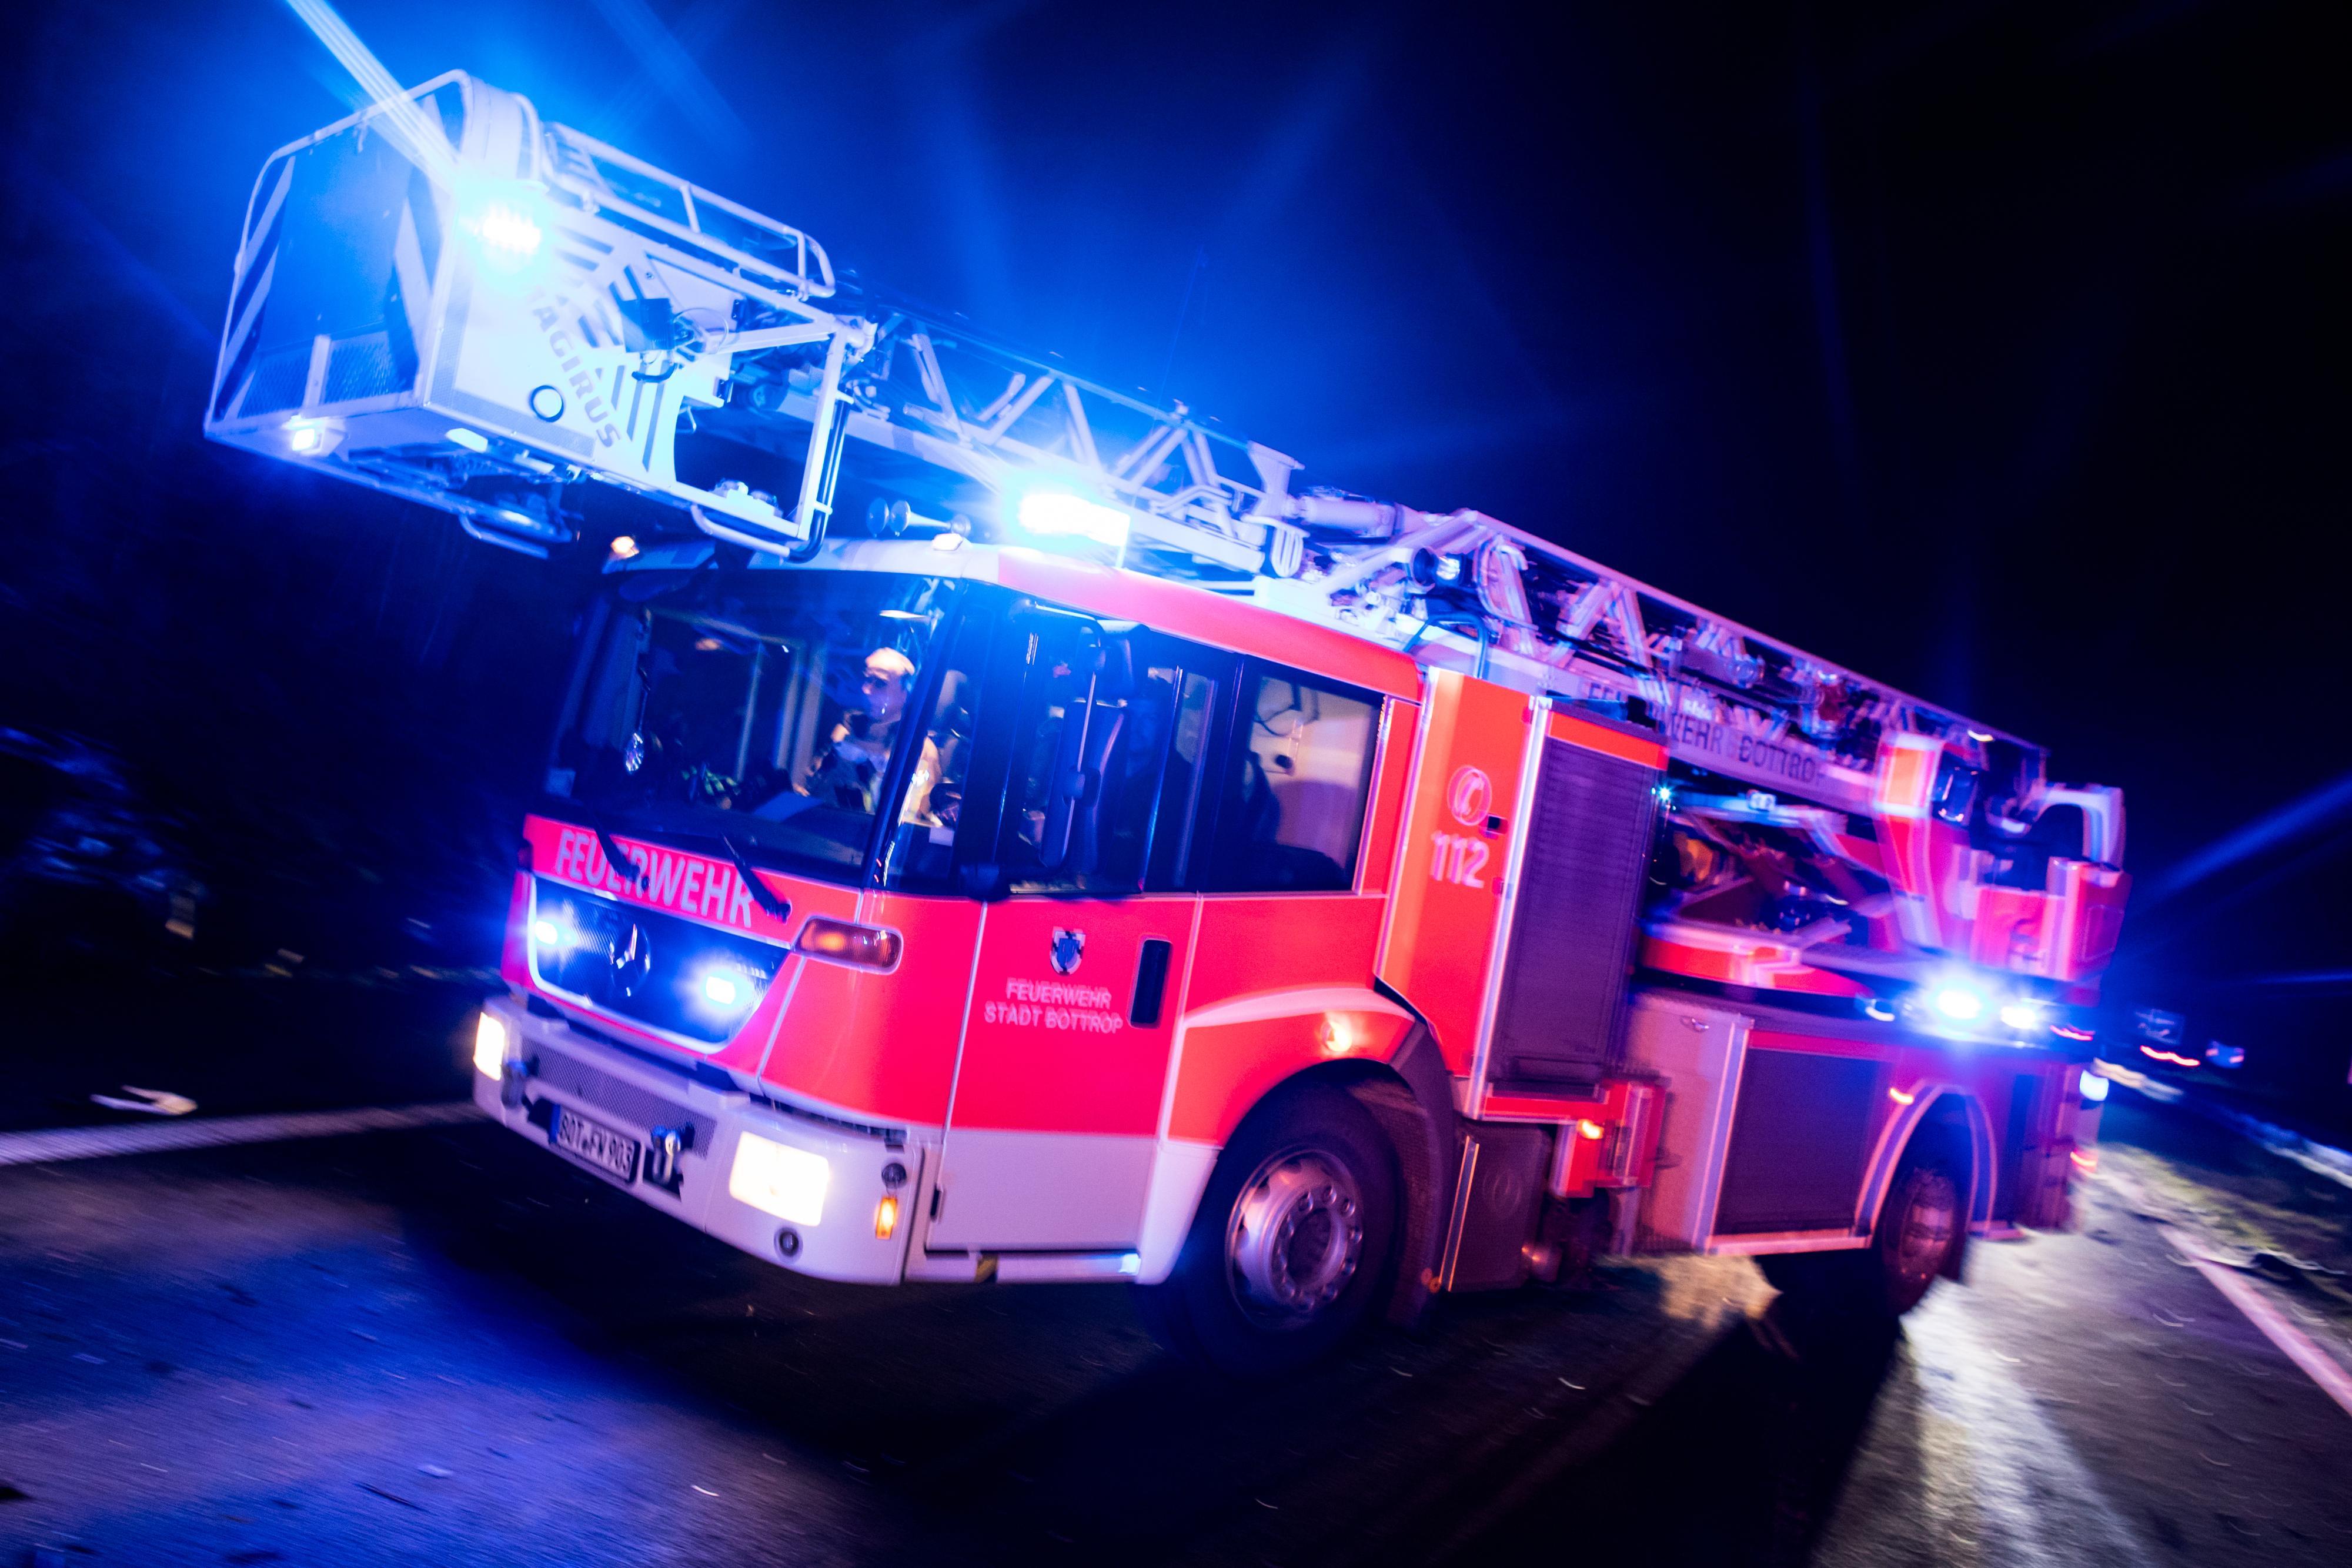 Wohnungsbrand in Hamm: Rauch zieht aus dem sechsten Stock – Feuerwehreinsatz beendet